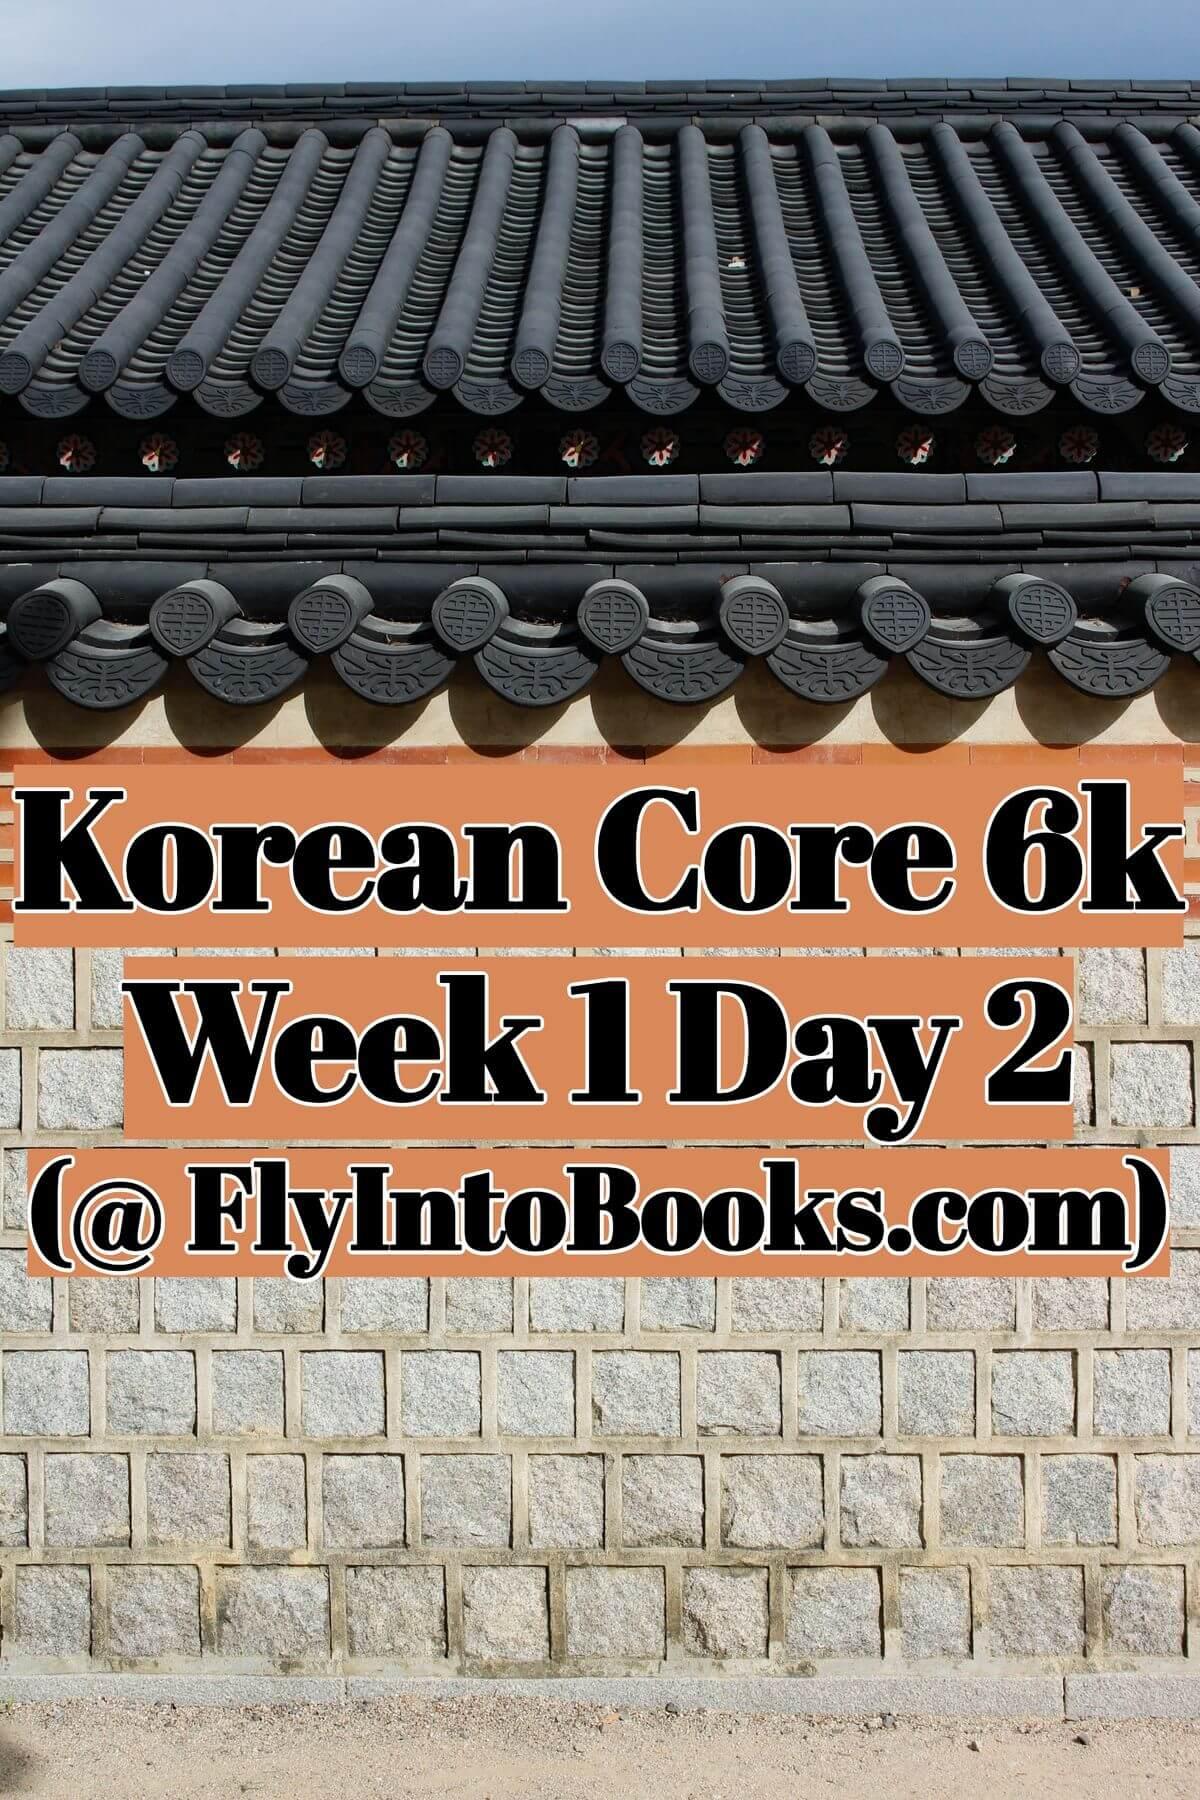 Korean Core 6k - Week 1 Day 2 (FlyIntoBooks.com)